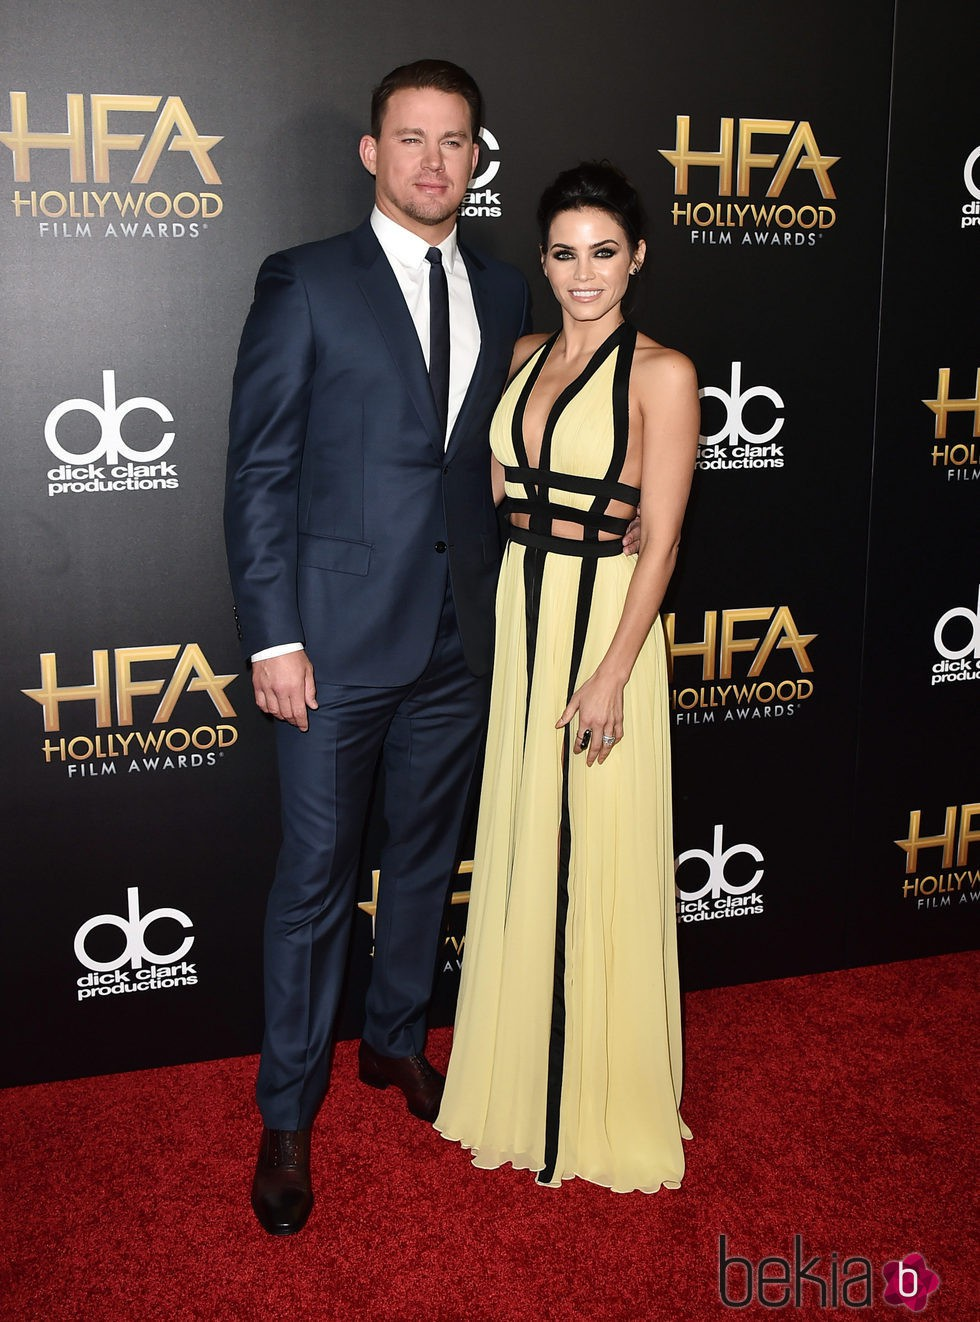 Channing Tatum y Jenna Dewan en los Hollywood Film Awards 2015